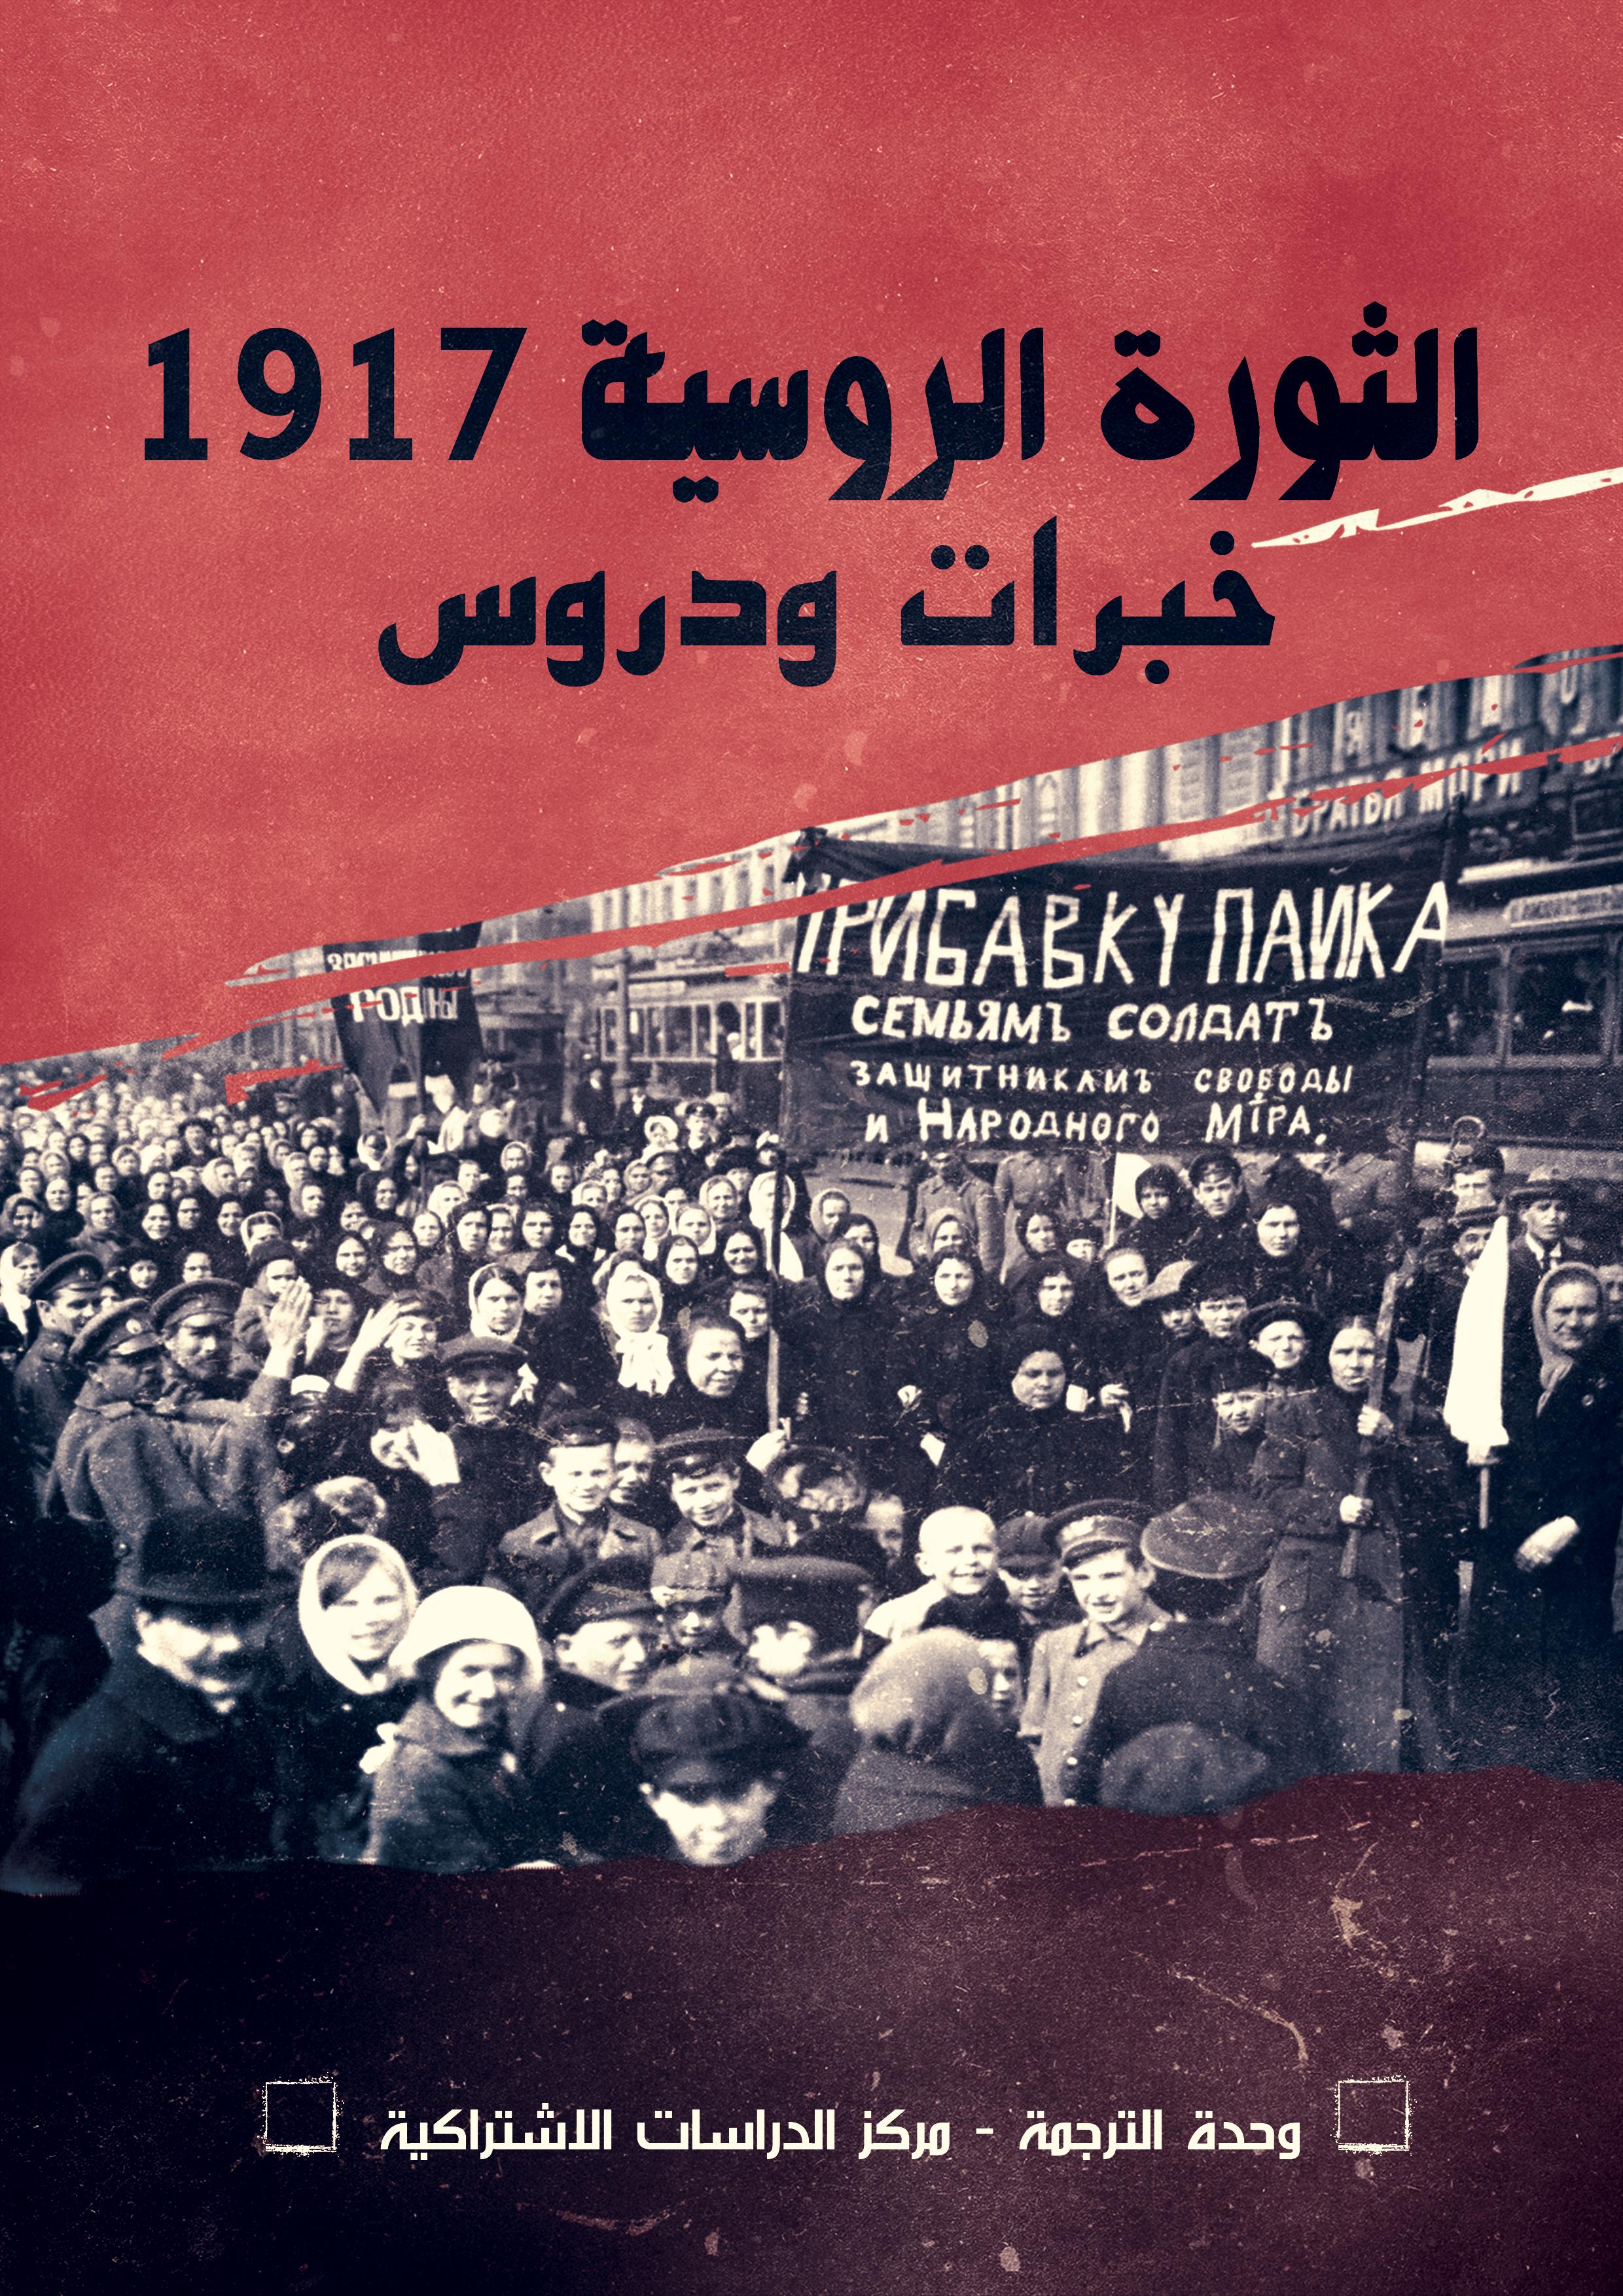 غلاف كراس الثورة الروسية